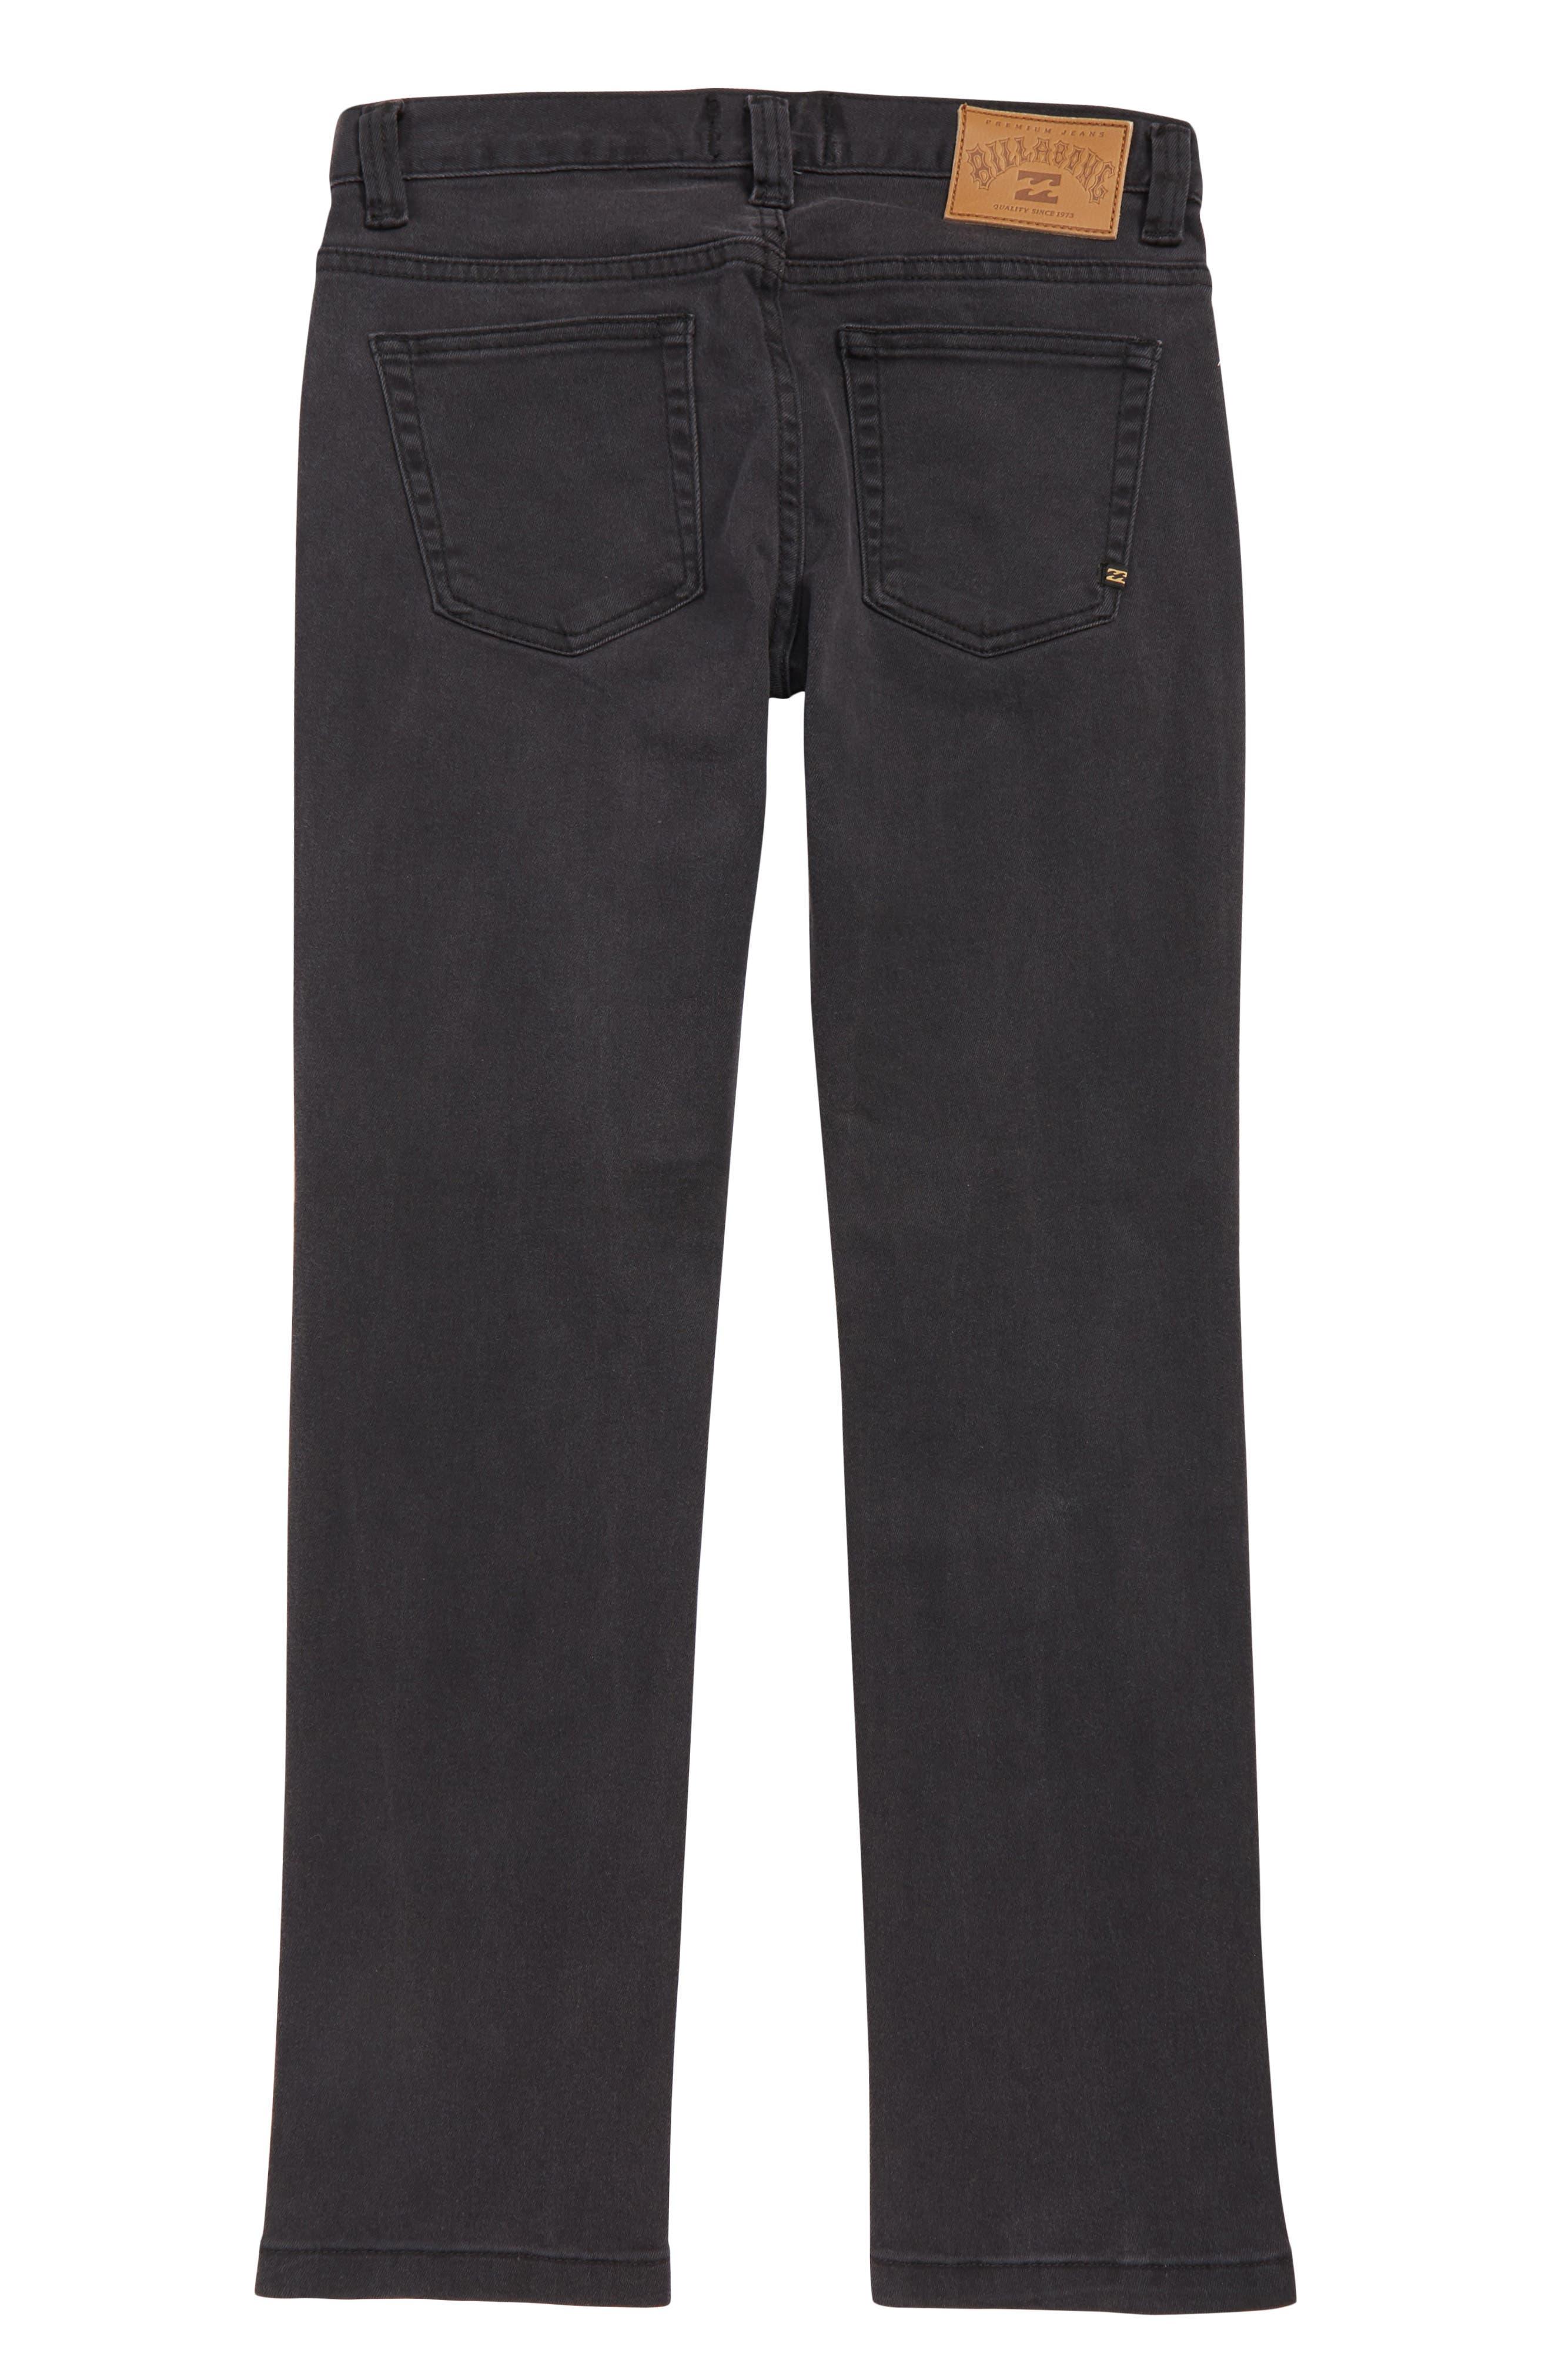 Outsider Jeans,                             Alternate thumbnail 2, color,                             OIL SPILL